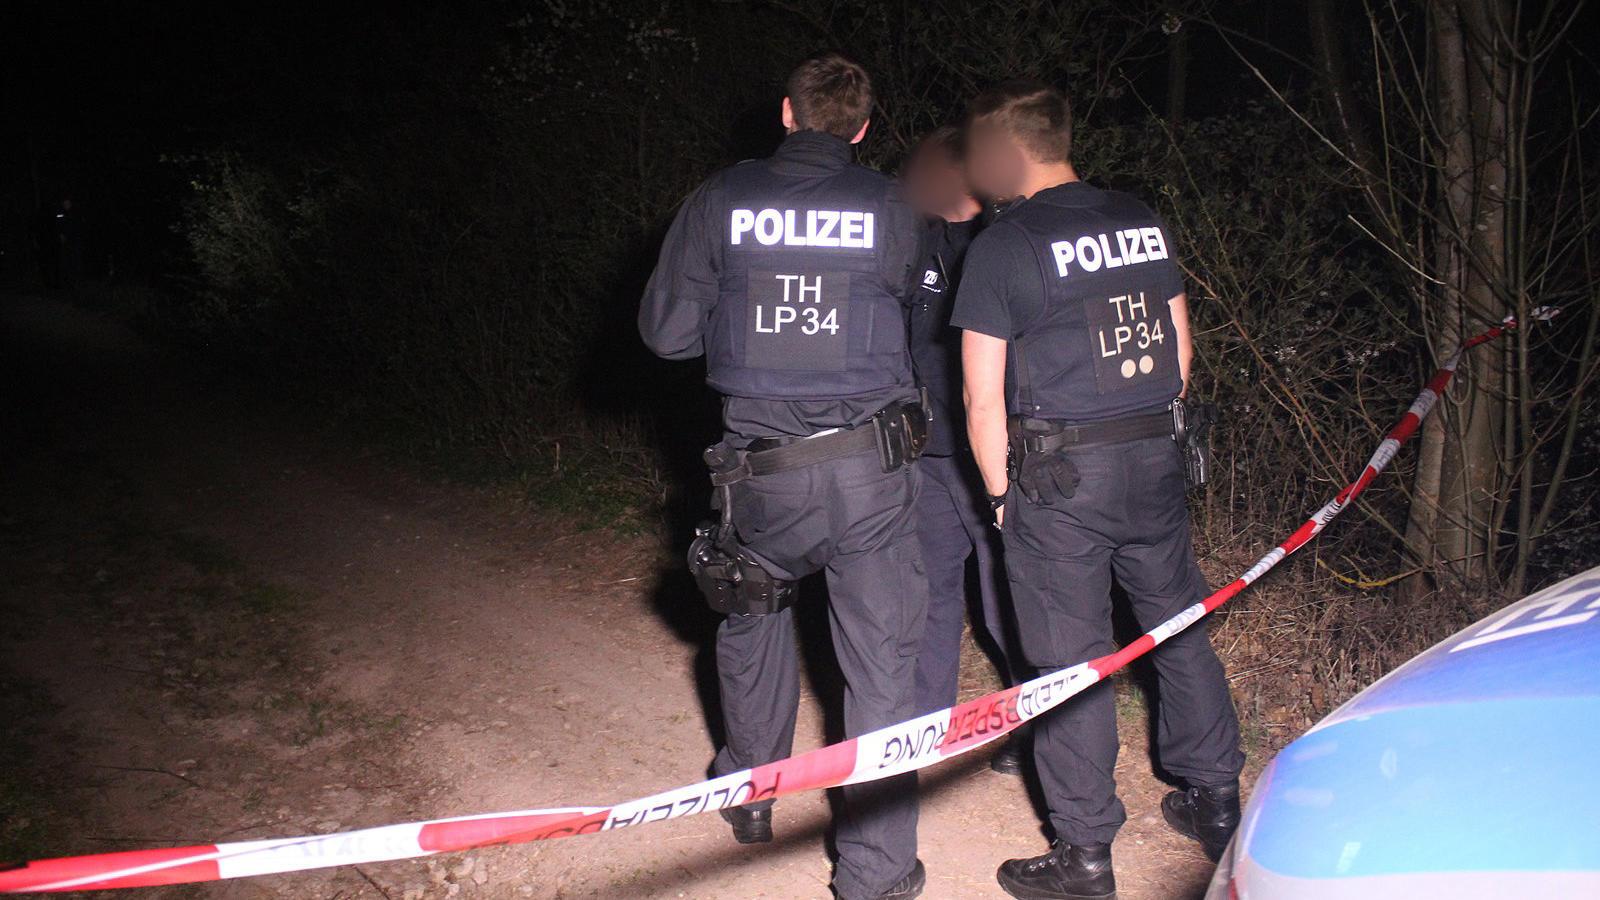 Polizisten sind nach dem Fund eines toten Säuglings in einem Wald im Einsatz